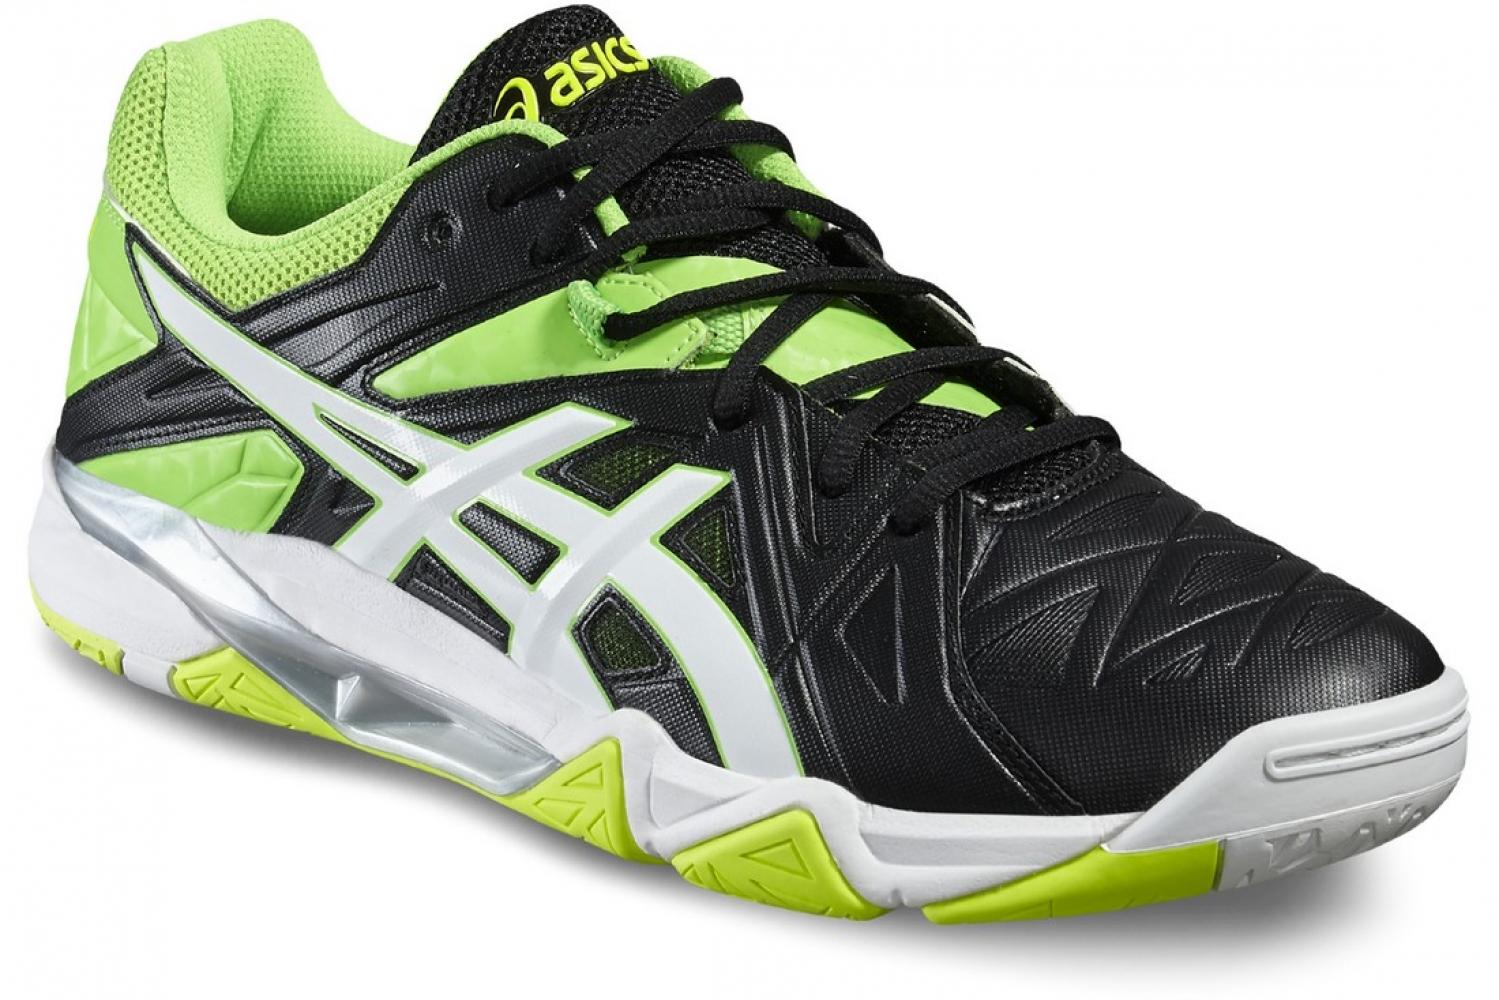 Волейбольные кроссовки Asics GEL-Sensei 6 B502Y-9001 купить в ... 1a04f5994d5